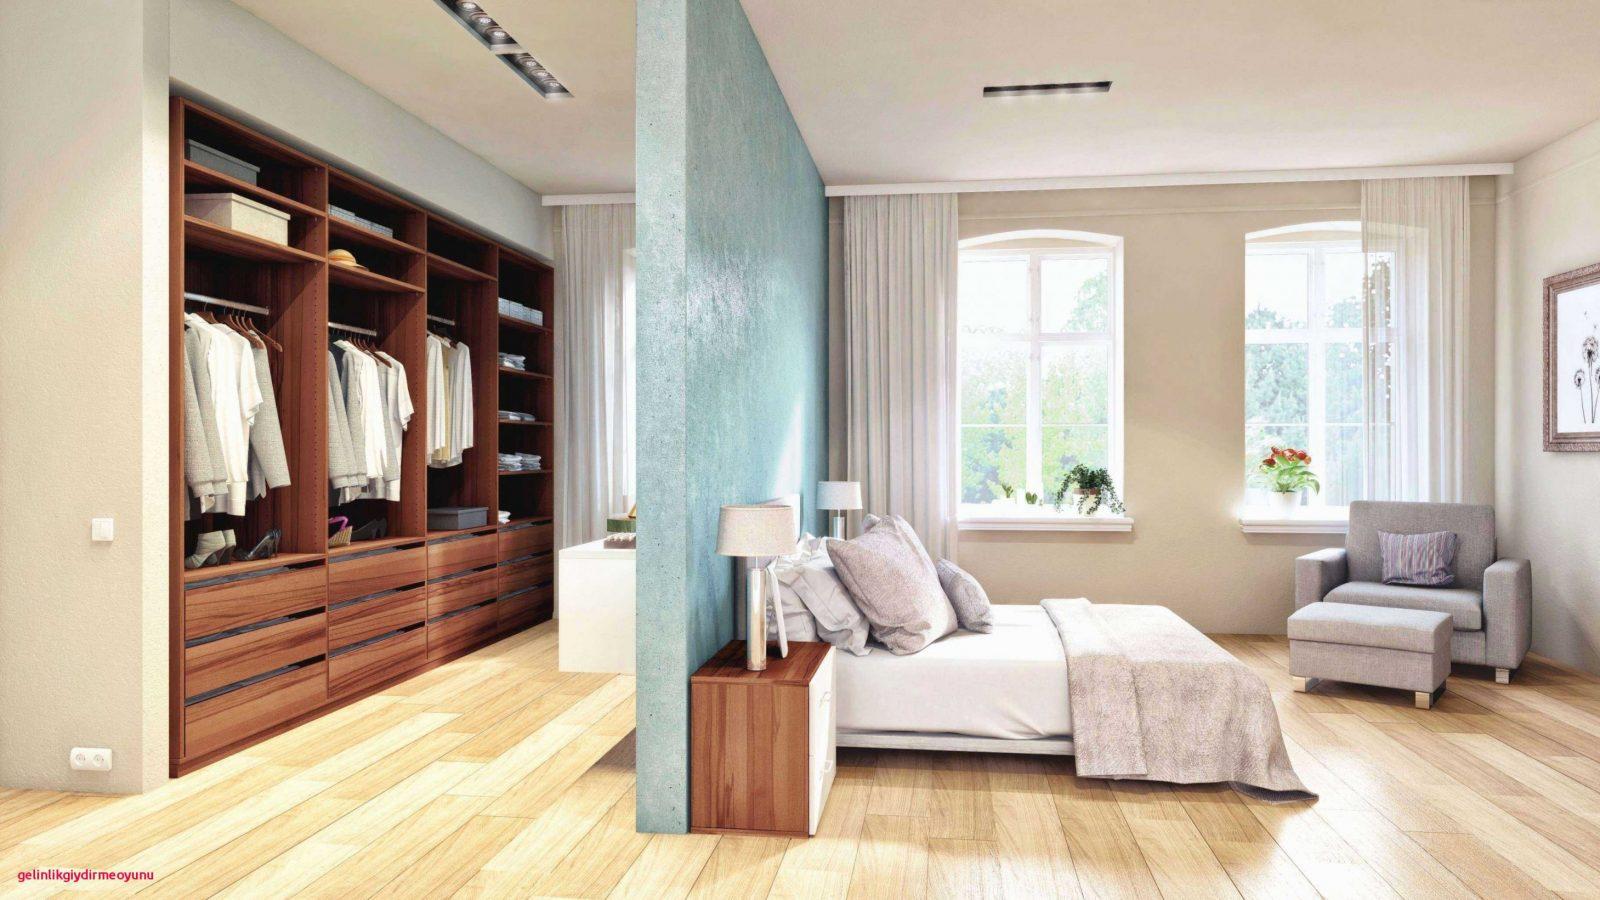 Schlafzimmer Ideen Für Kleine Räume – Wohn Design Von Gemütliches von Schlafzimmer Ideen Für Kleine Räume Bild